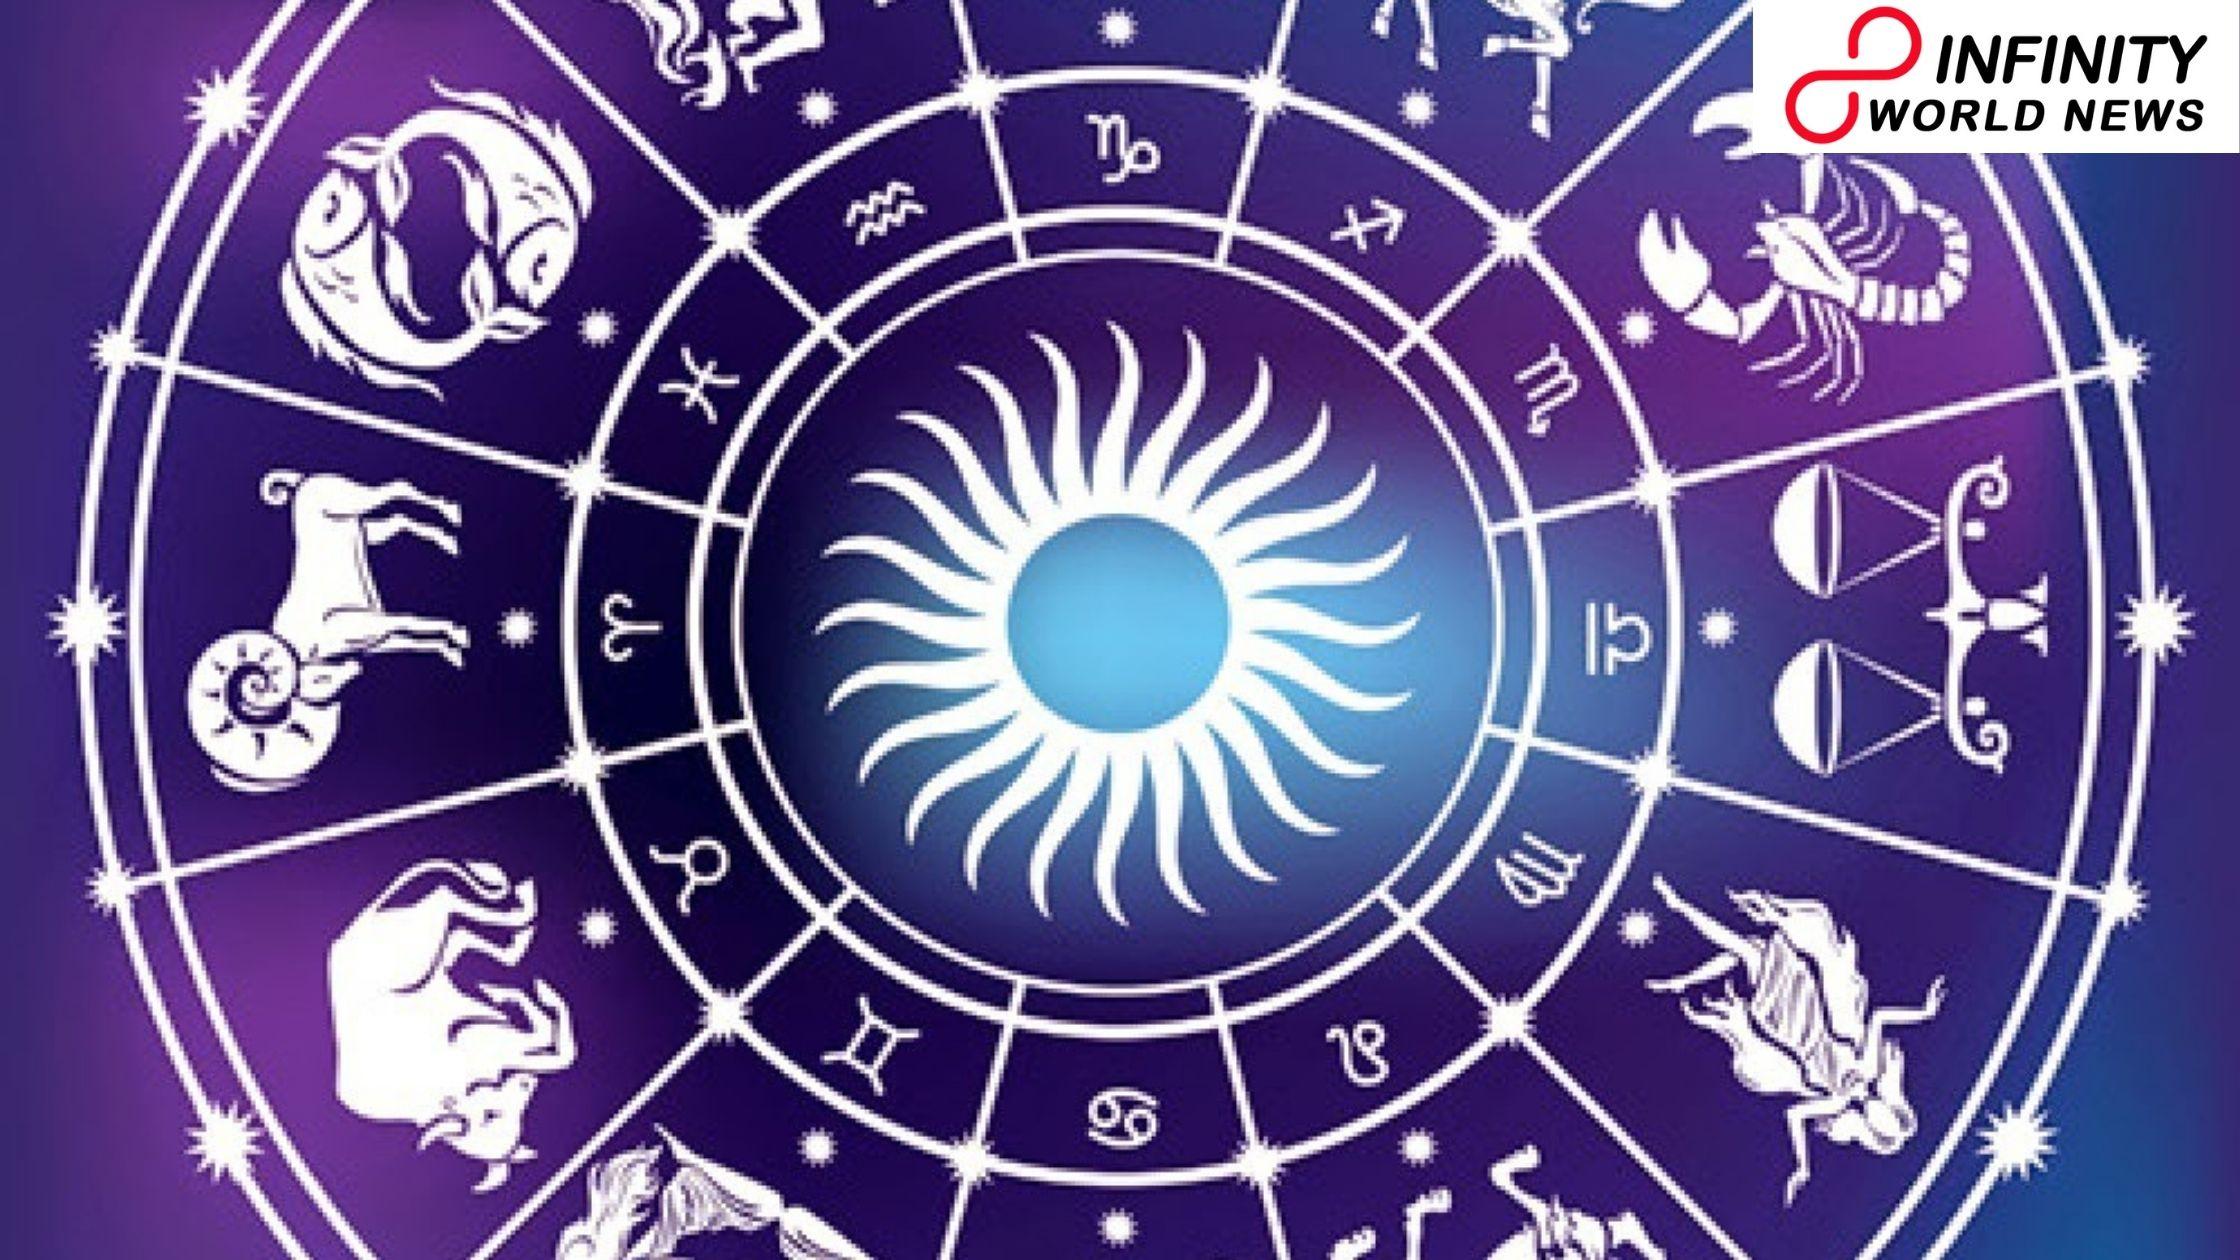 Today Horoscope 26-12-20   Daily Horoscope